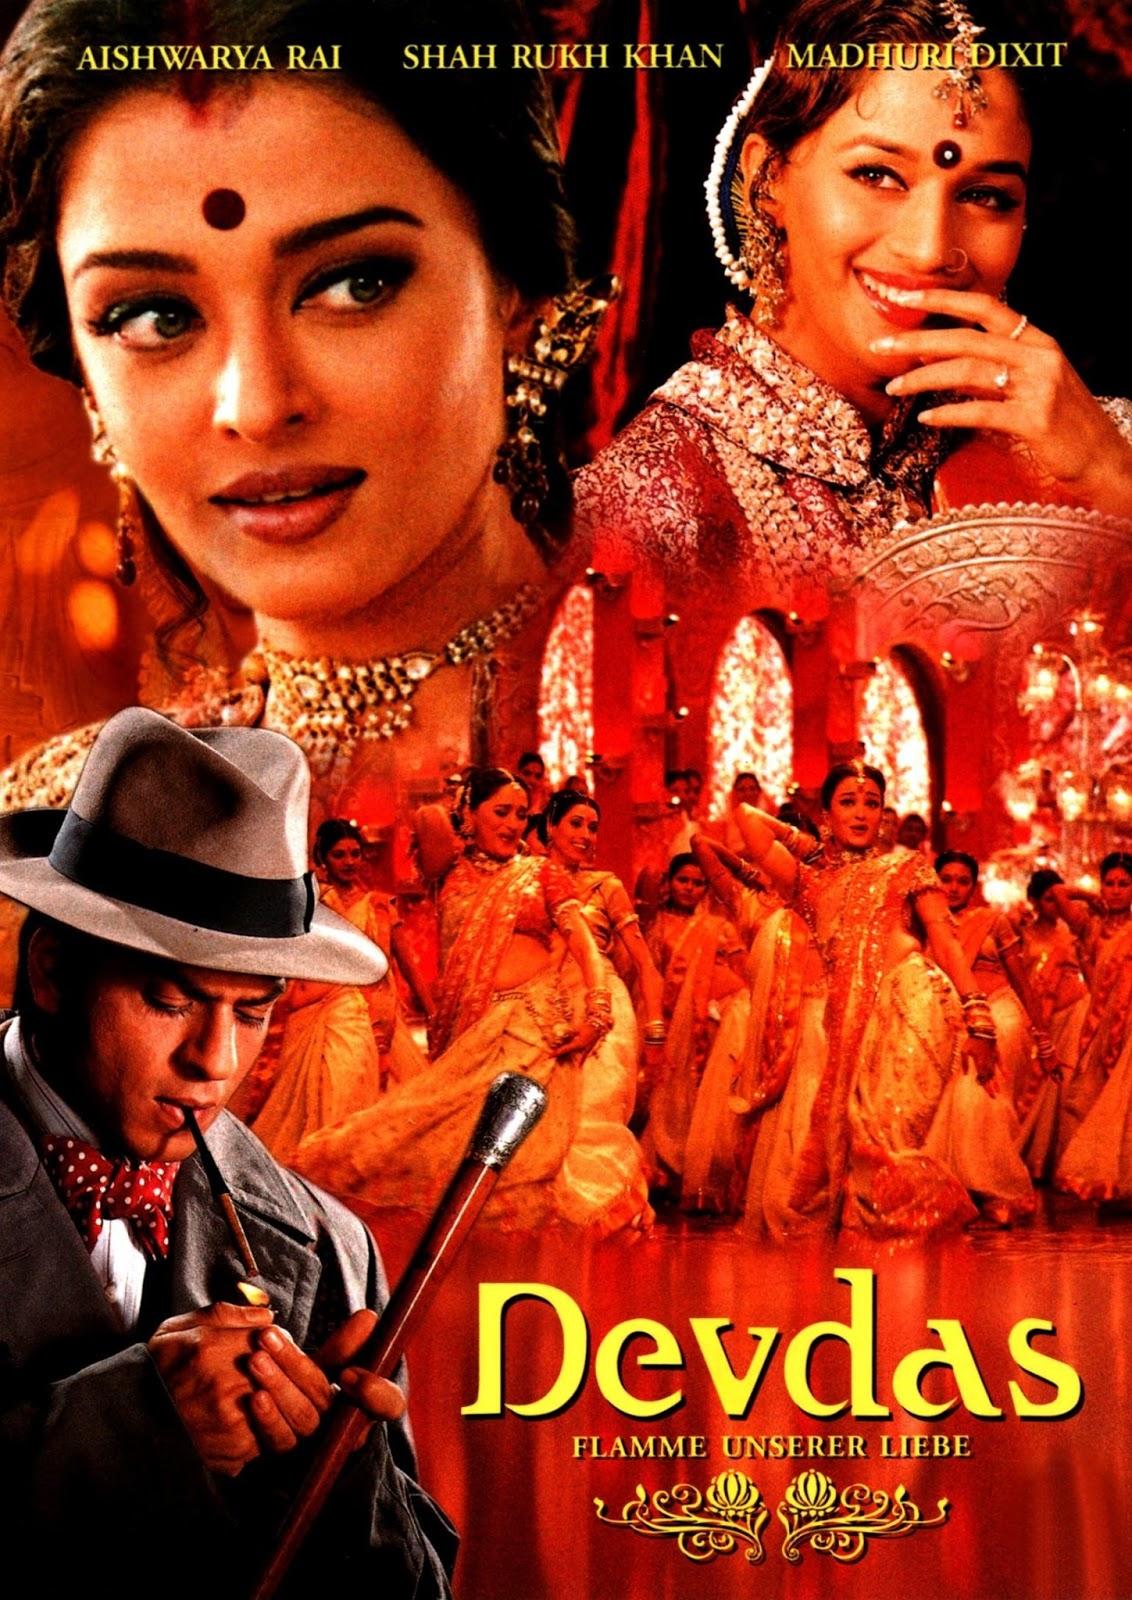 Devdas mp3 songs free download in hindi.